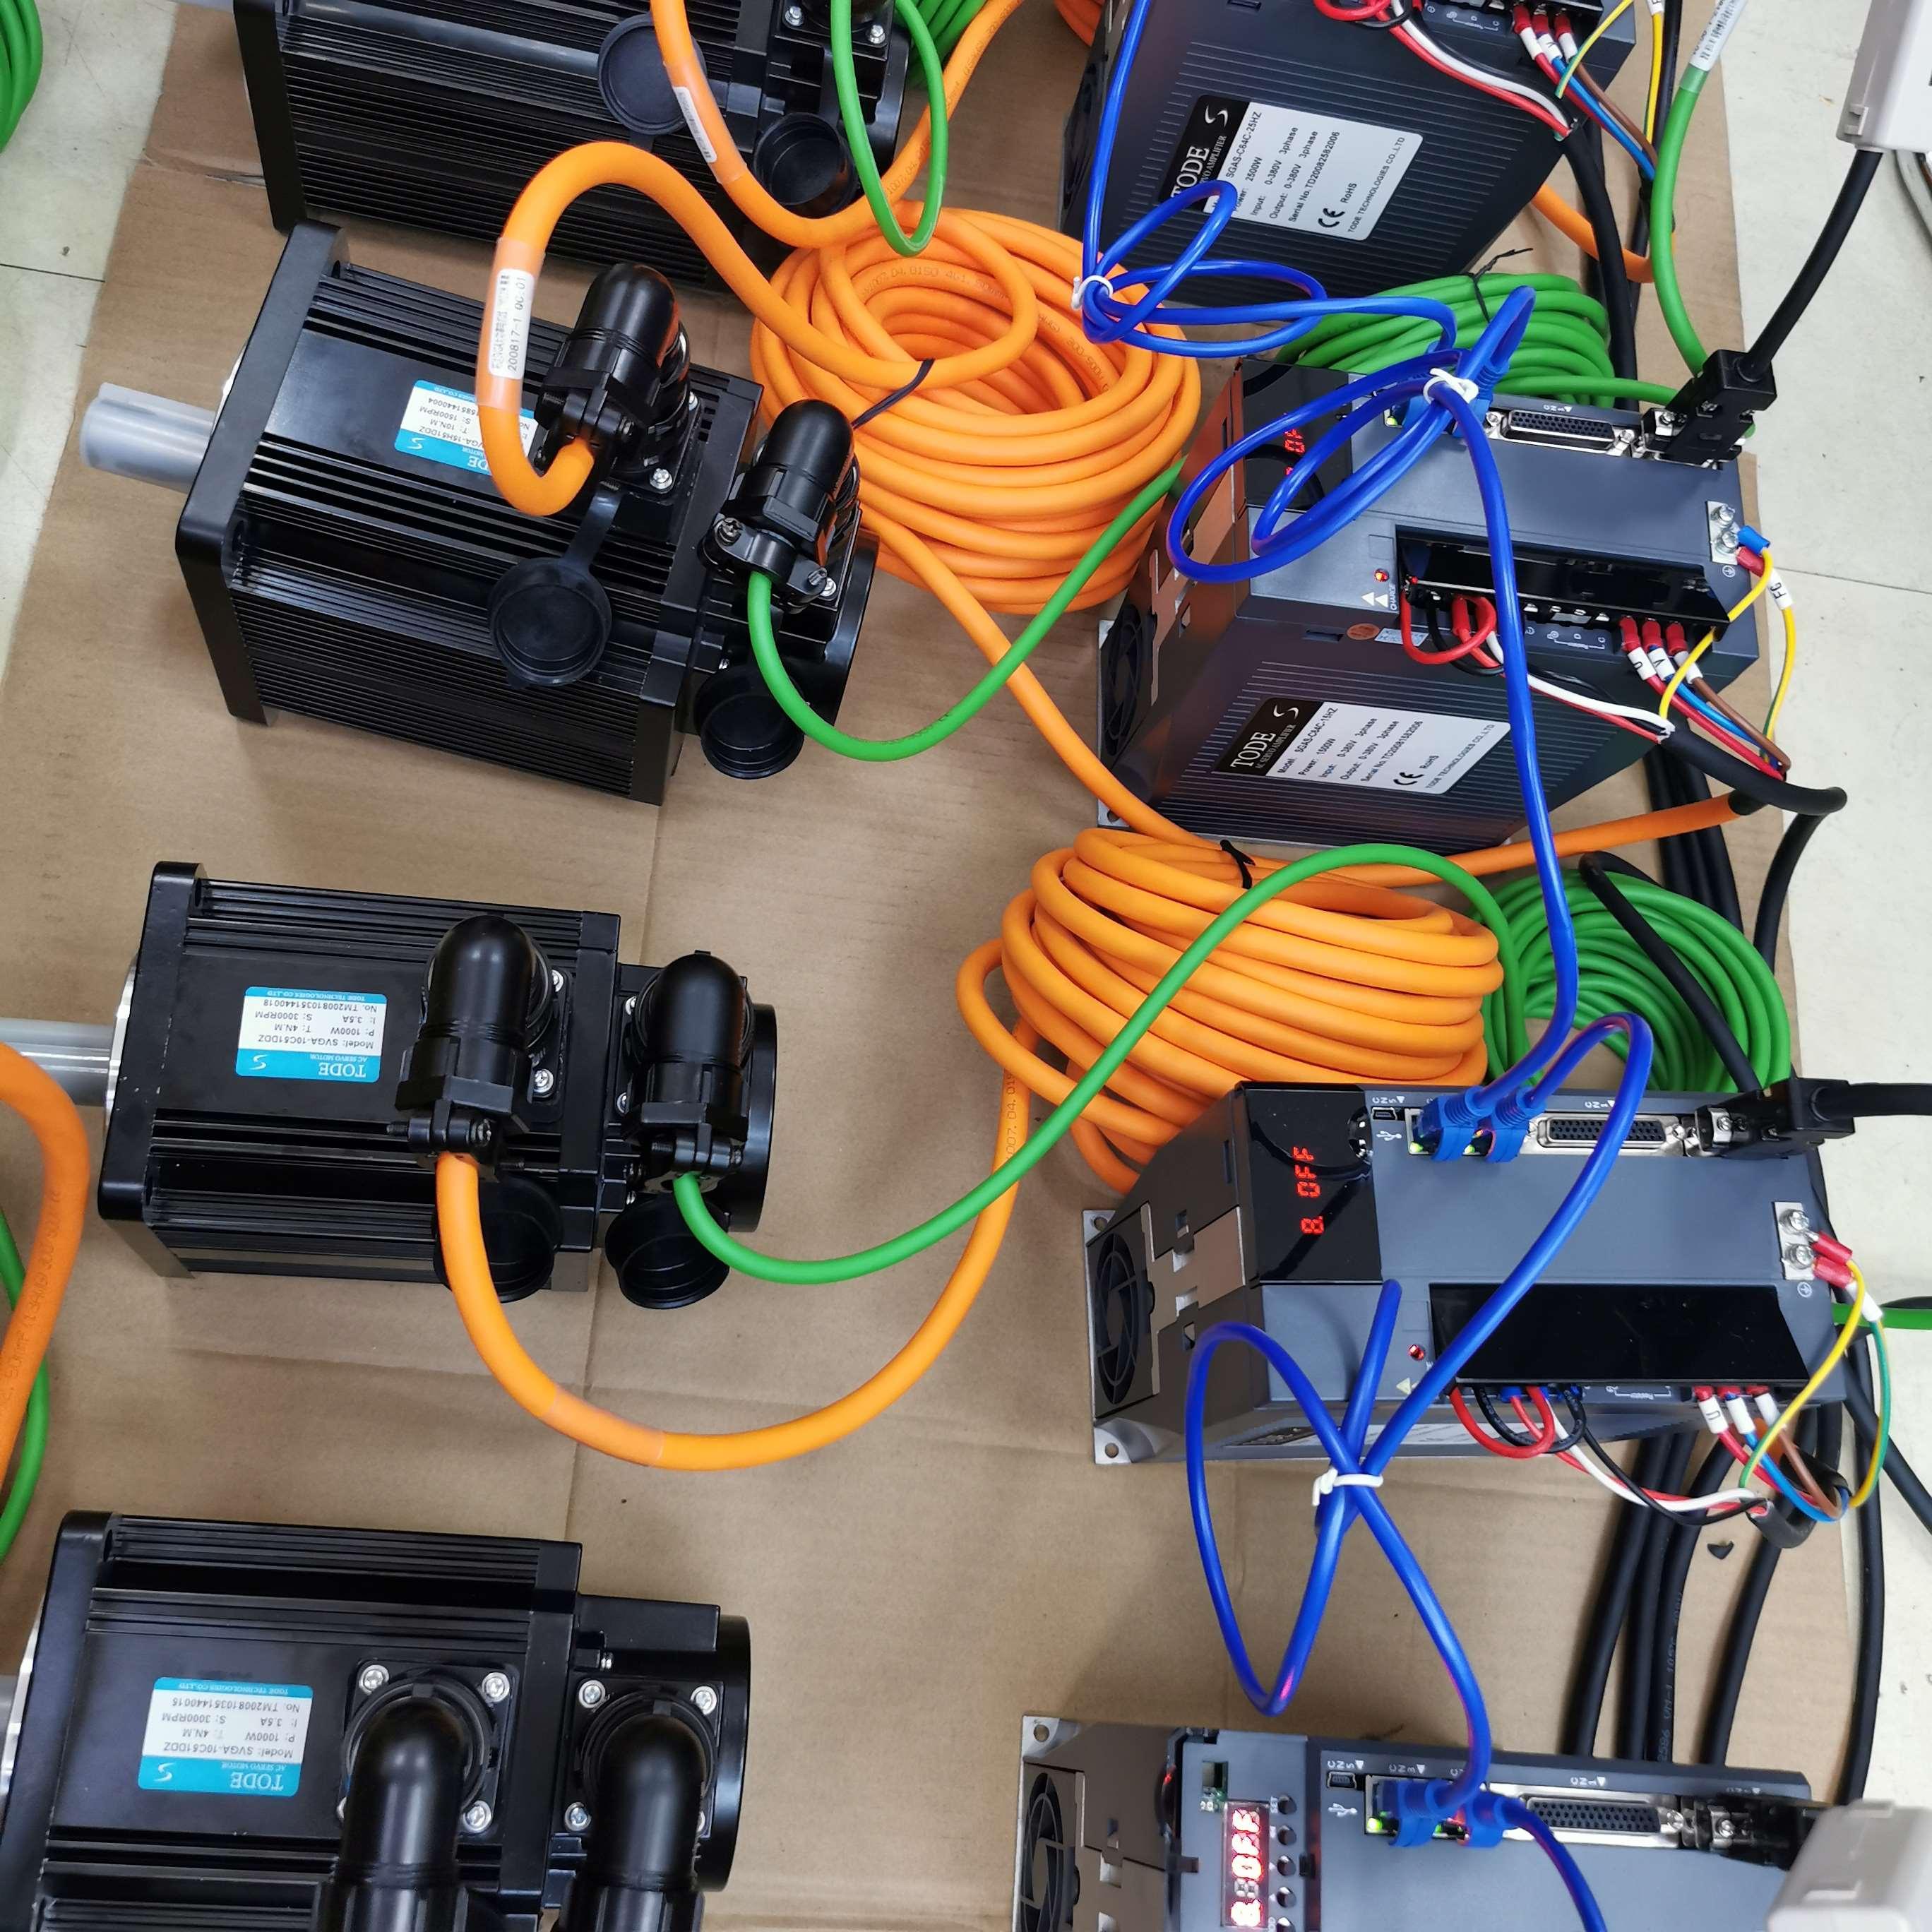 値式サーボモータ23ビット高精度プログラミングEThErCATバスサーボドライバセット